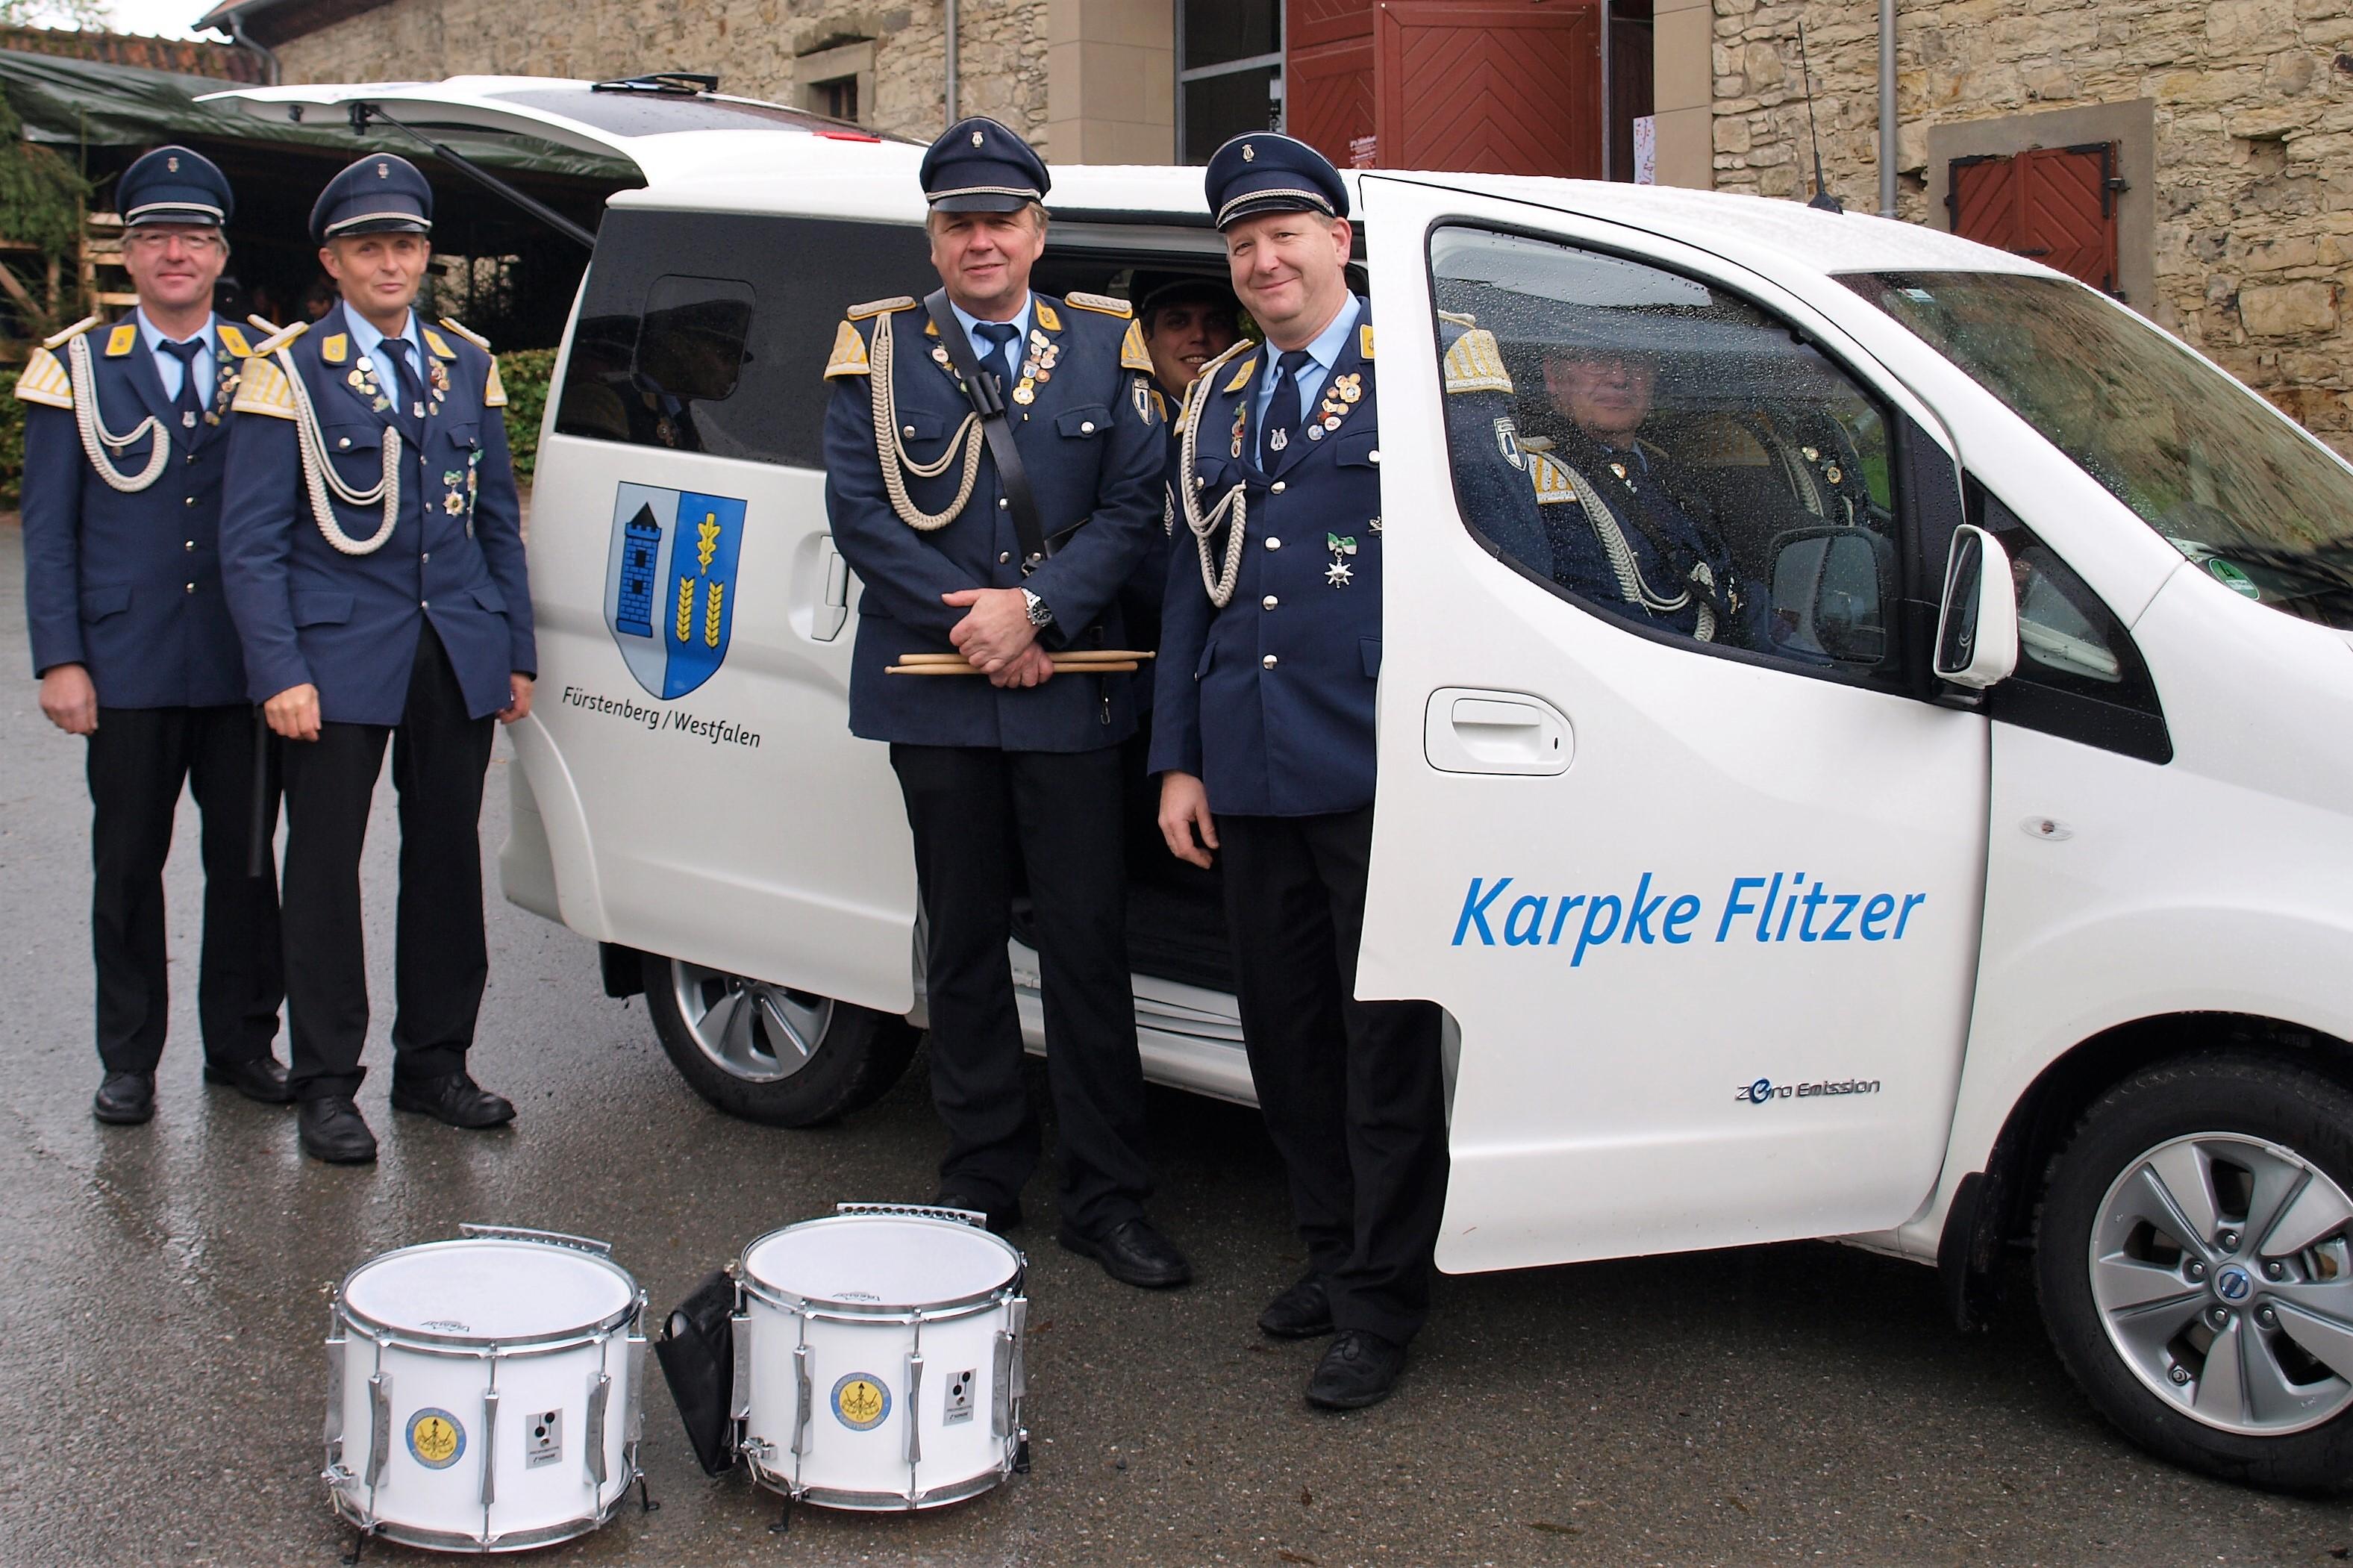 Karpke Flitzer